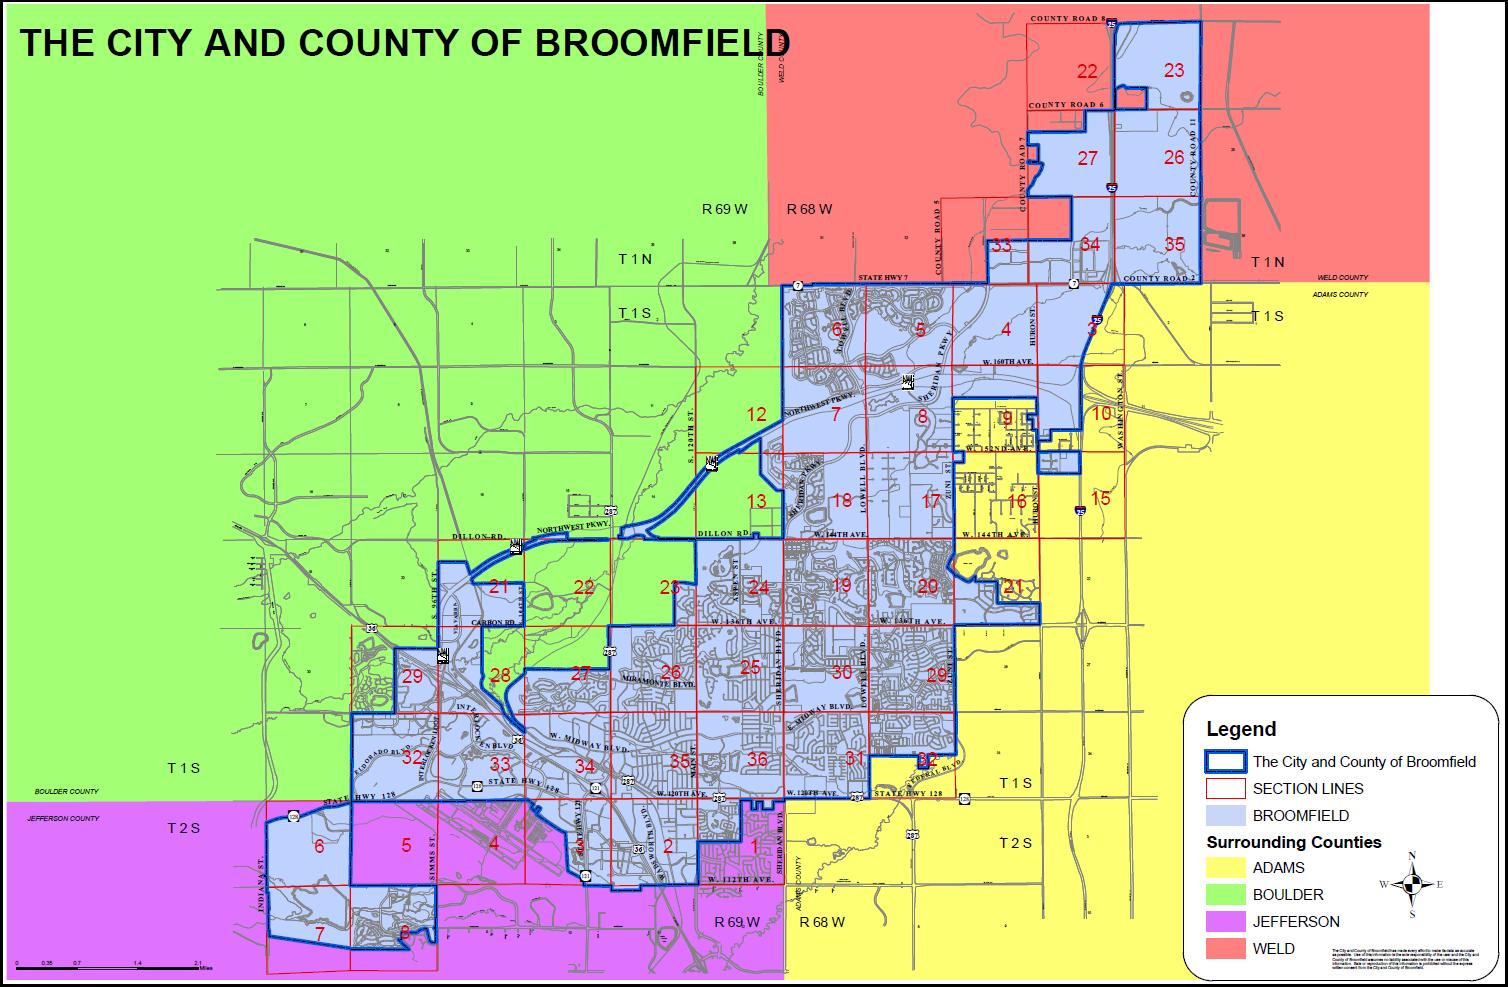 Resident Boundaries for Broomfield